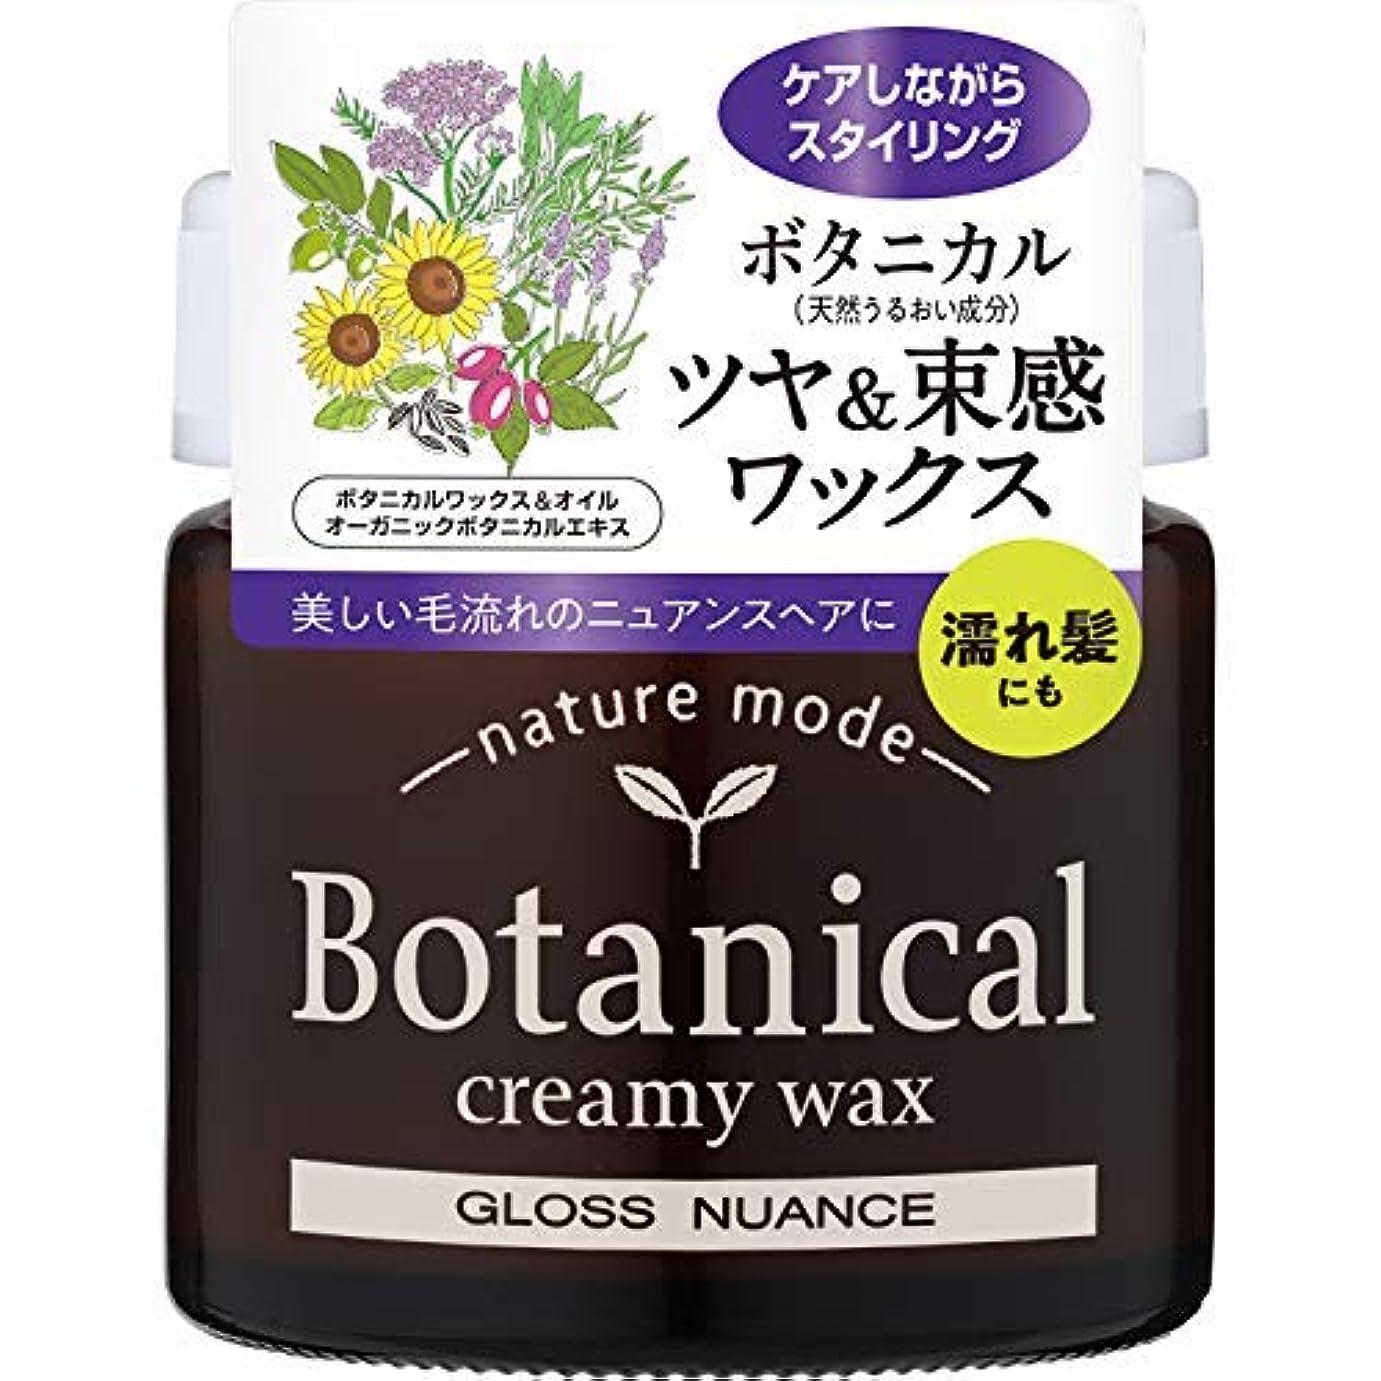 葡萄十分ではない明るいネイチャーモード ボタニカル クリーミーワックス<グロスニュアンス> × 6個セット